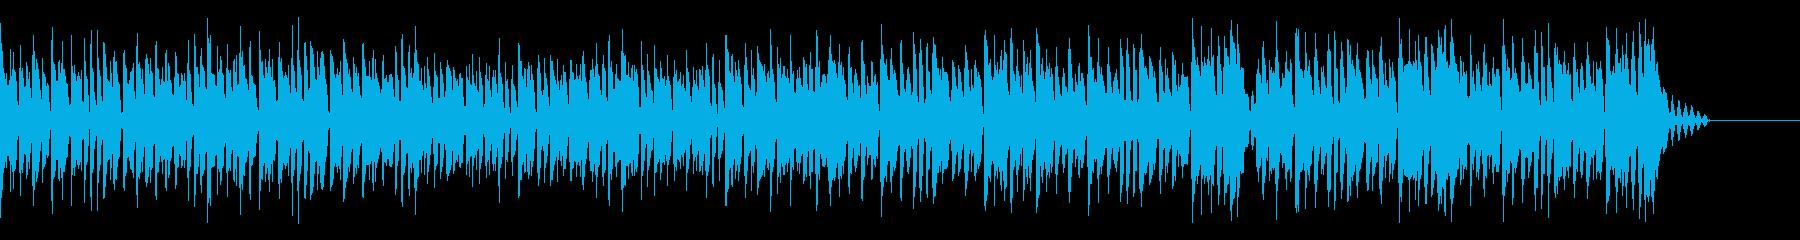 萌えなkawaiifuturebass2の再生済みの波形